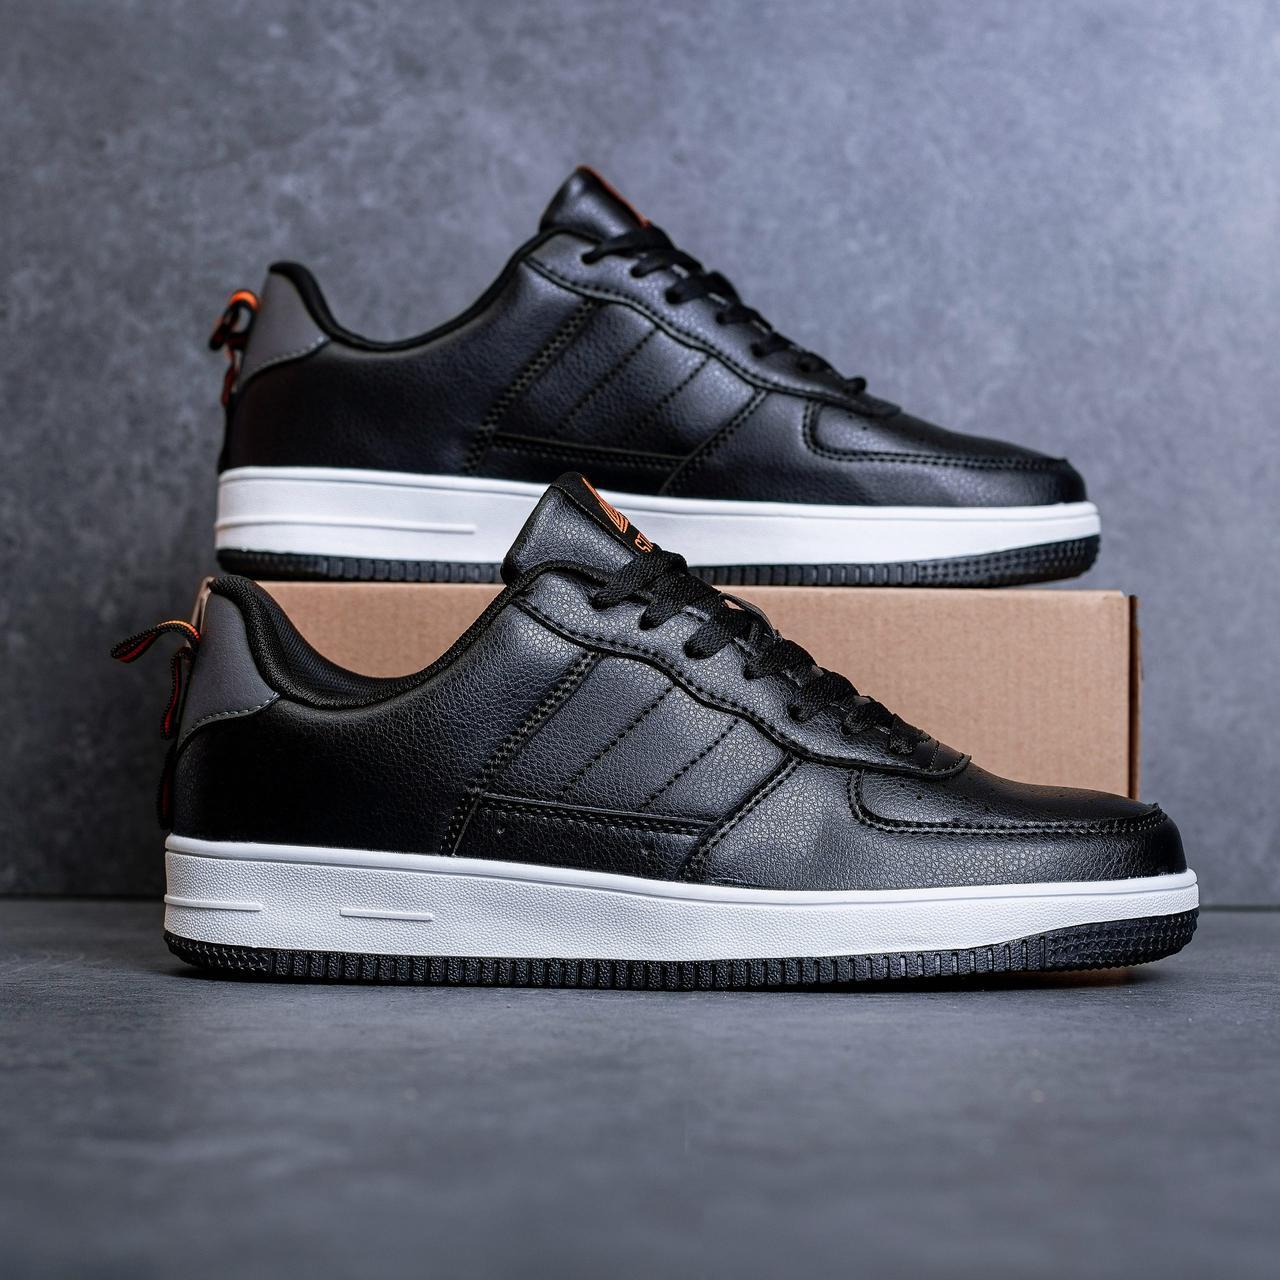 Чоловічі кросівки Стіллі форс Тресс (чорні з білою підошвою) - 43 і 45 рр